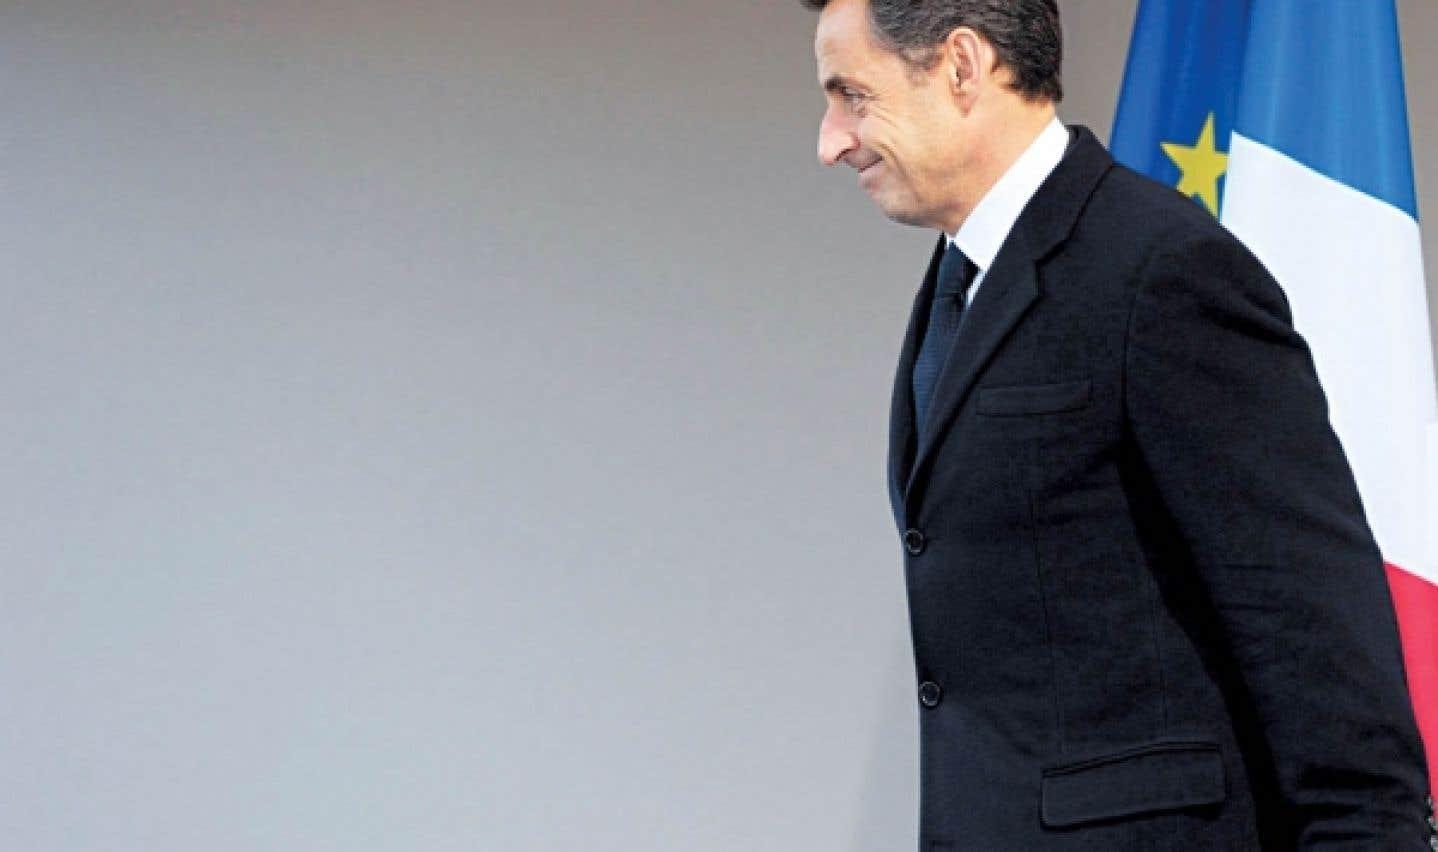 Présidentielle française - L'UMP au bord de l'implosion?